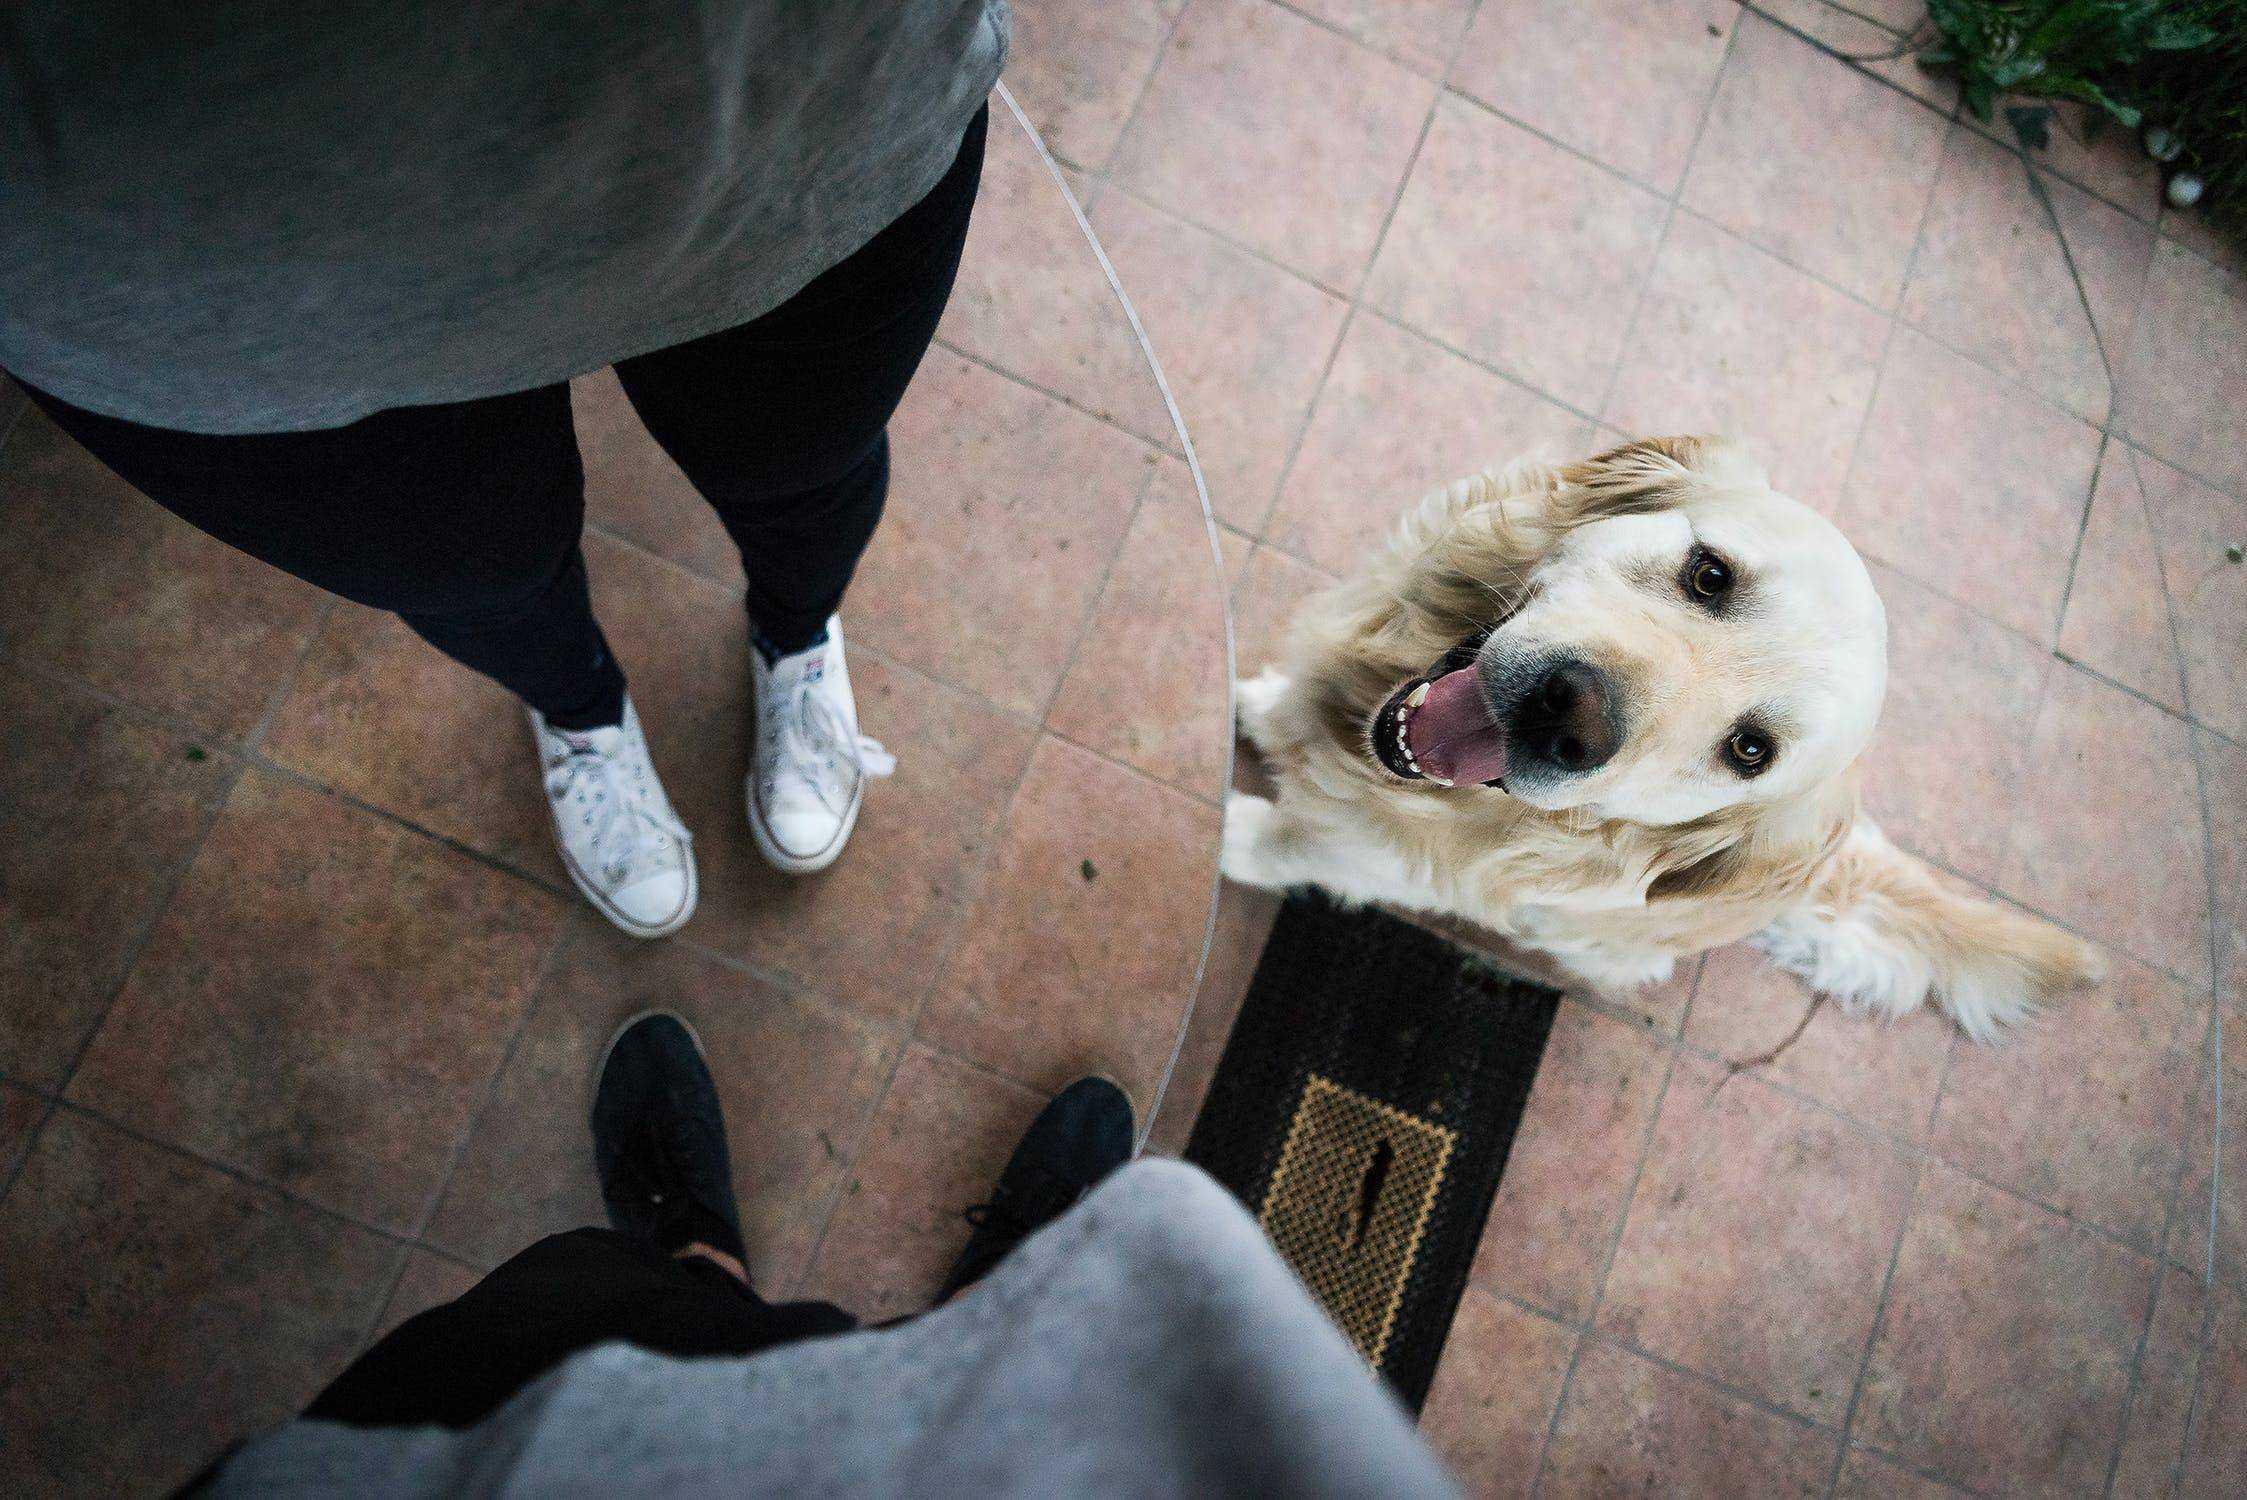 Attention Seeking Behavior in dogs